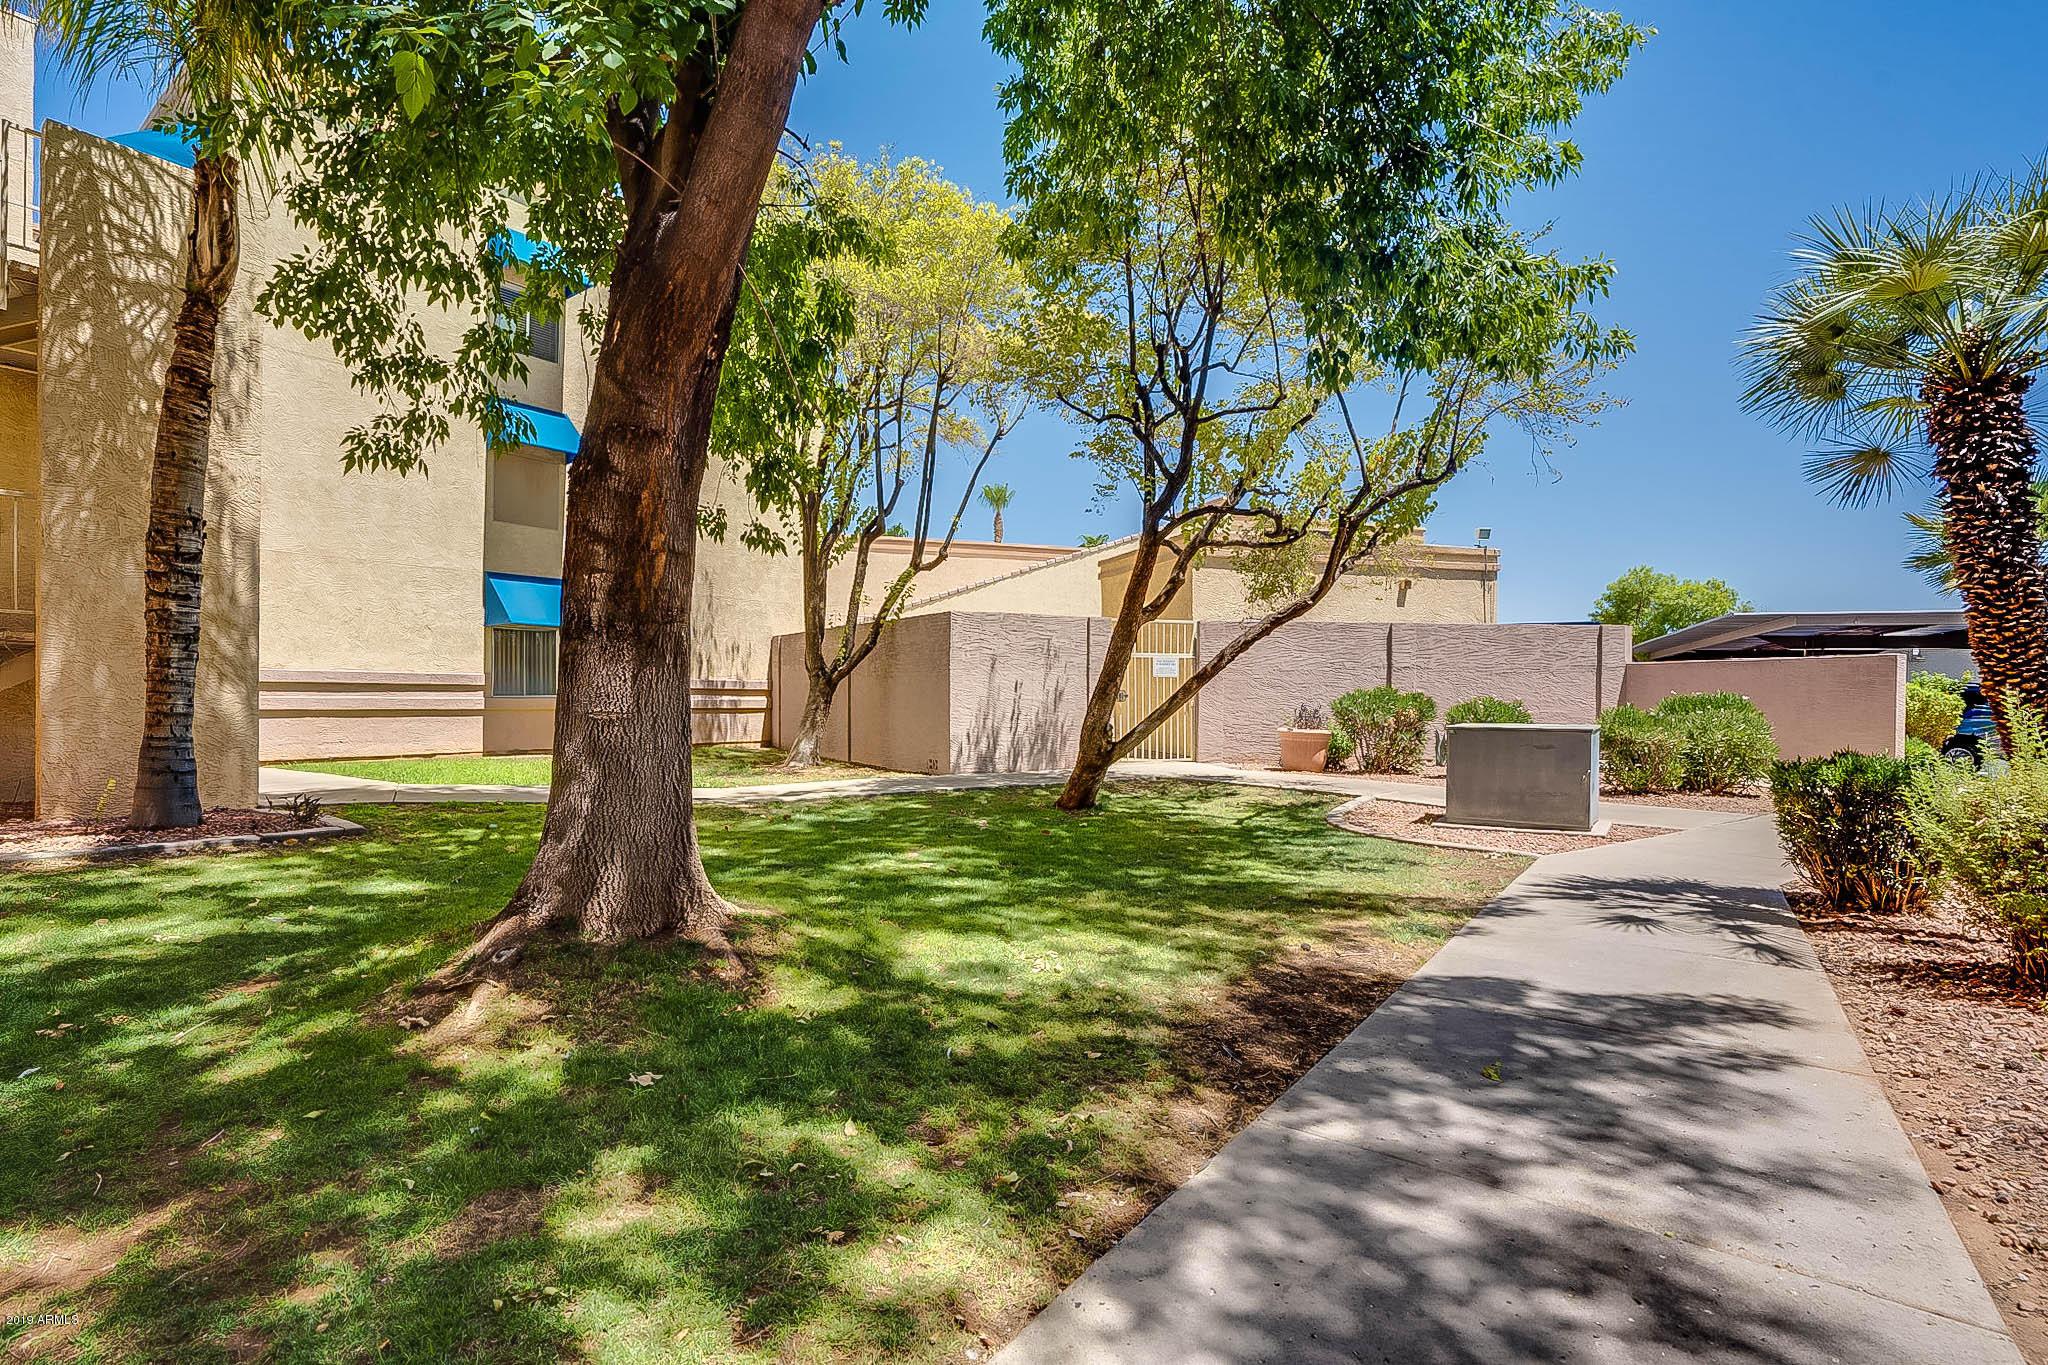 MLS 5964781 12221 W BELL Road Unit 156, Surprise, AZ 85378 Surprise AZ Condo or Townhome